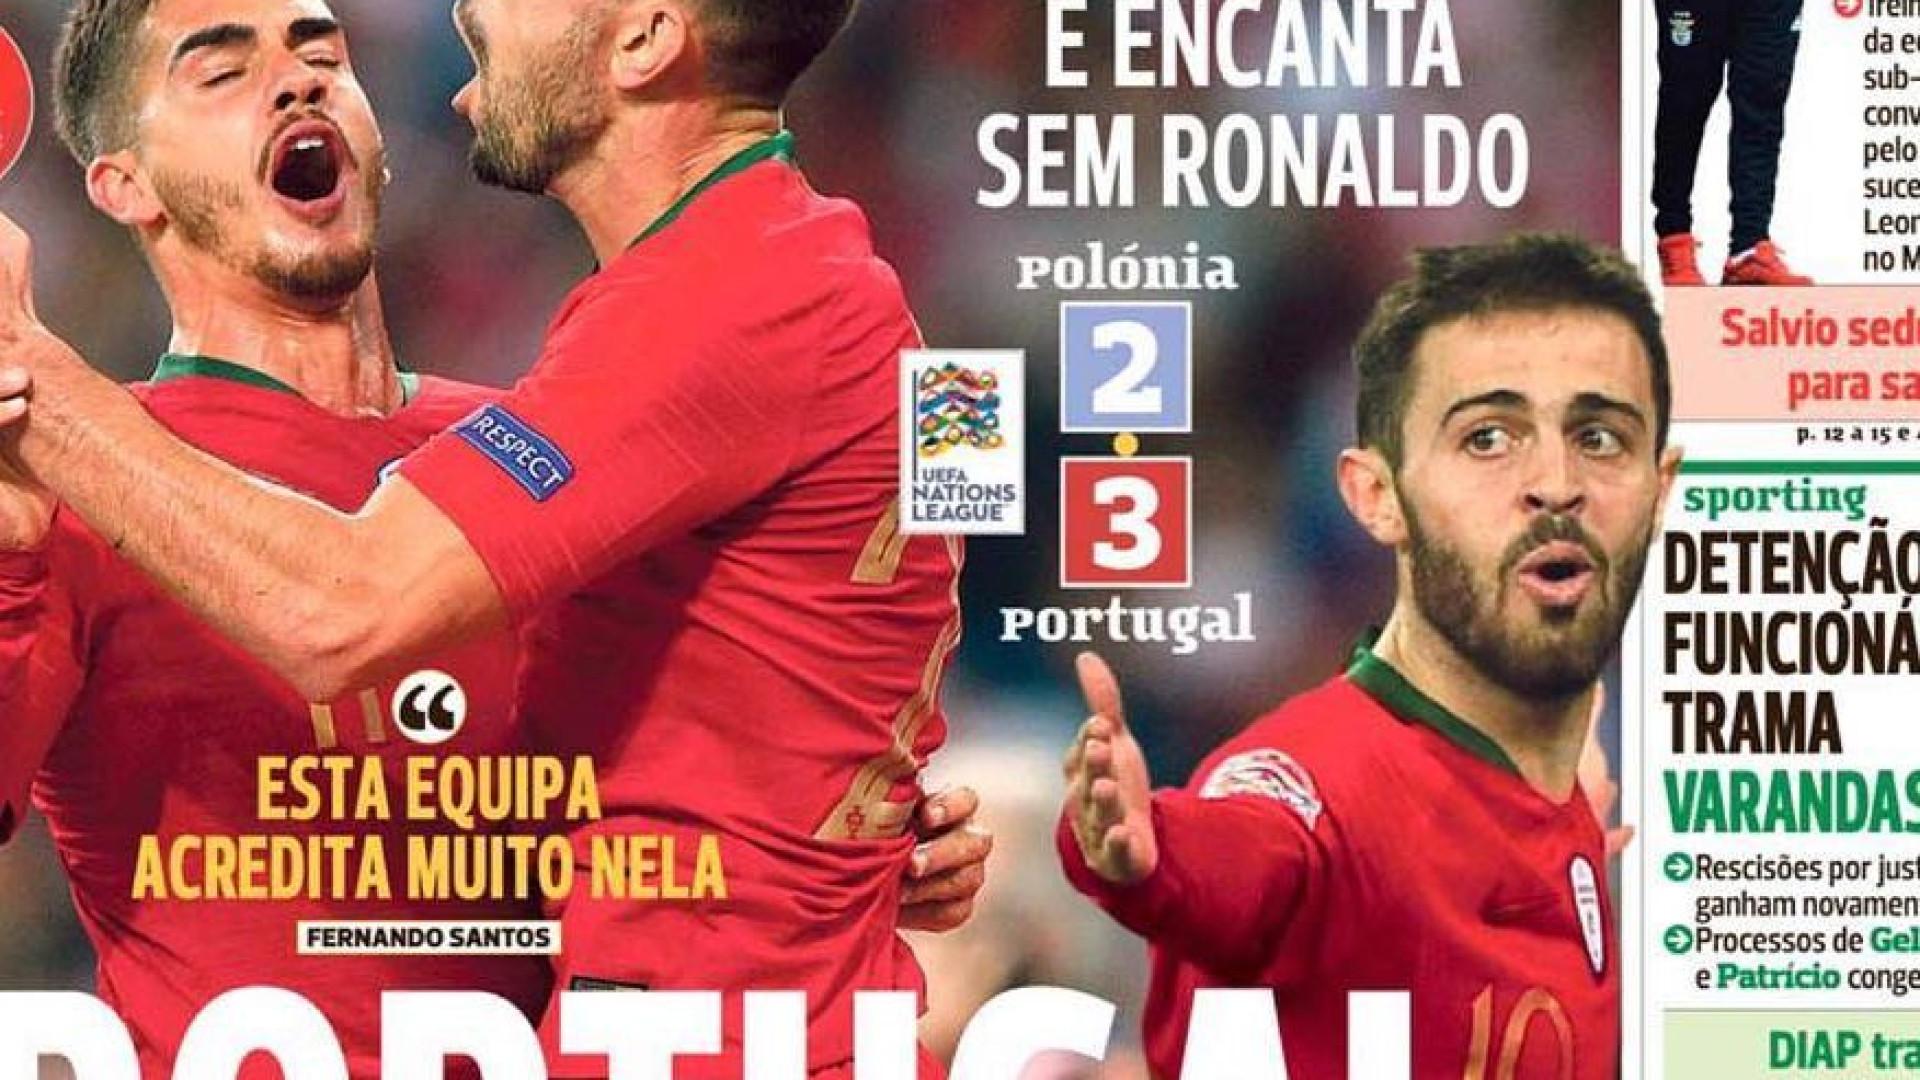 O show de Portugal, a exigência de Herrera e a prioridade Salvio